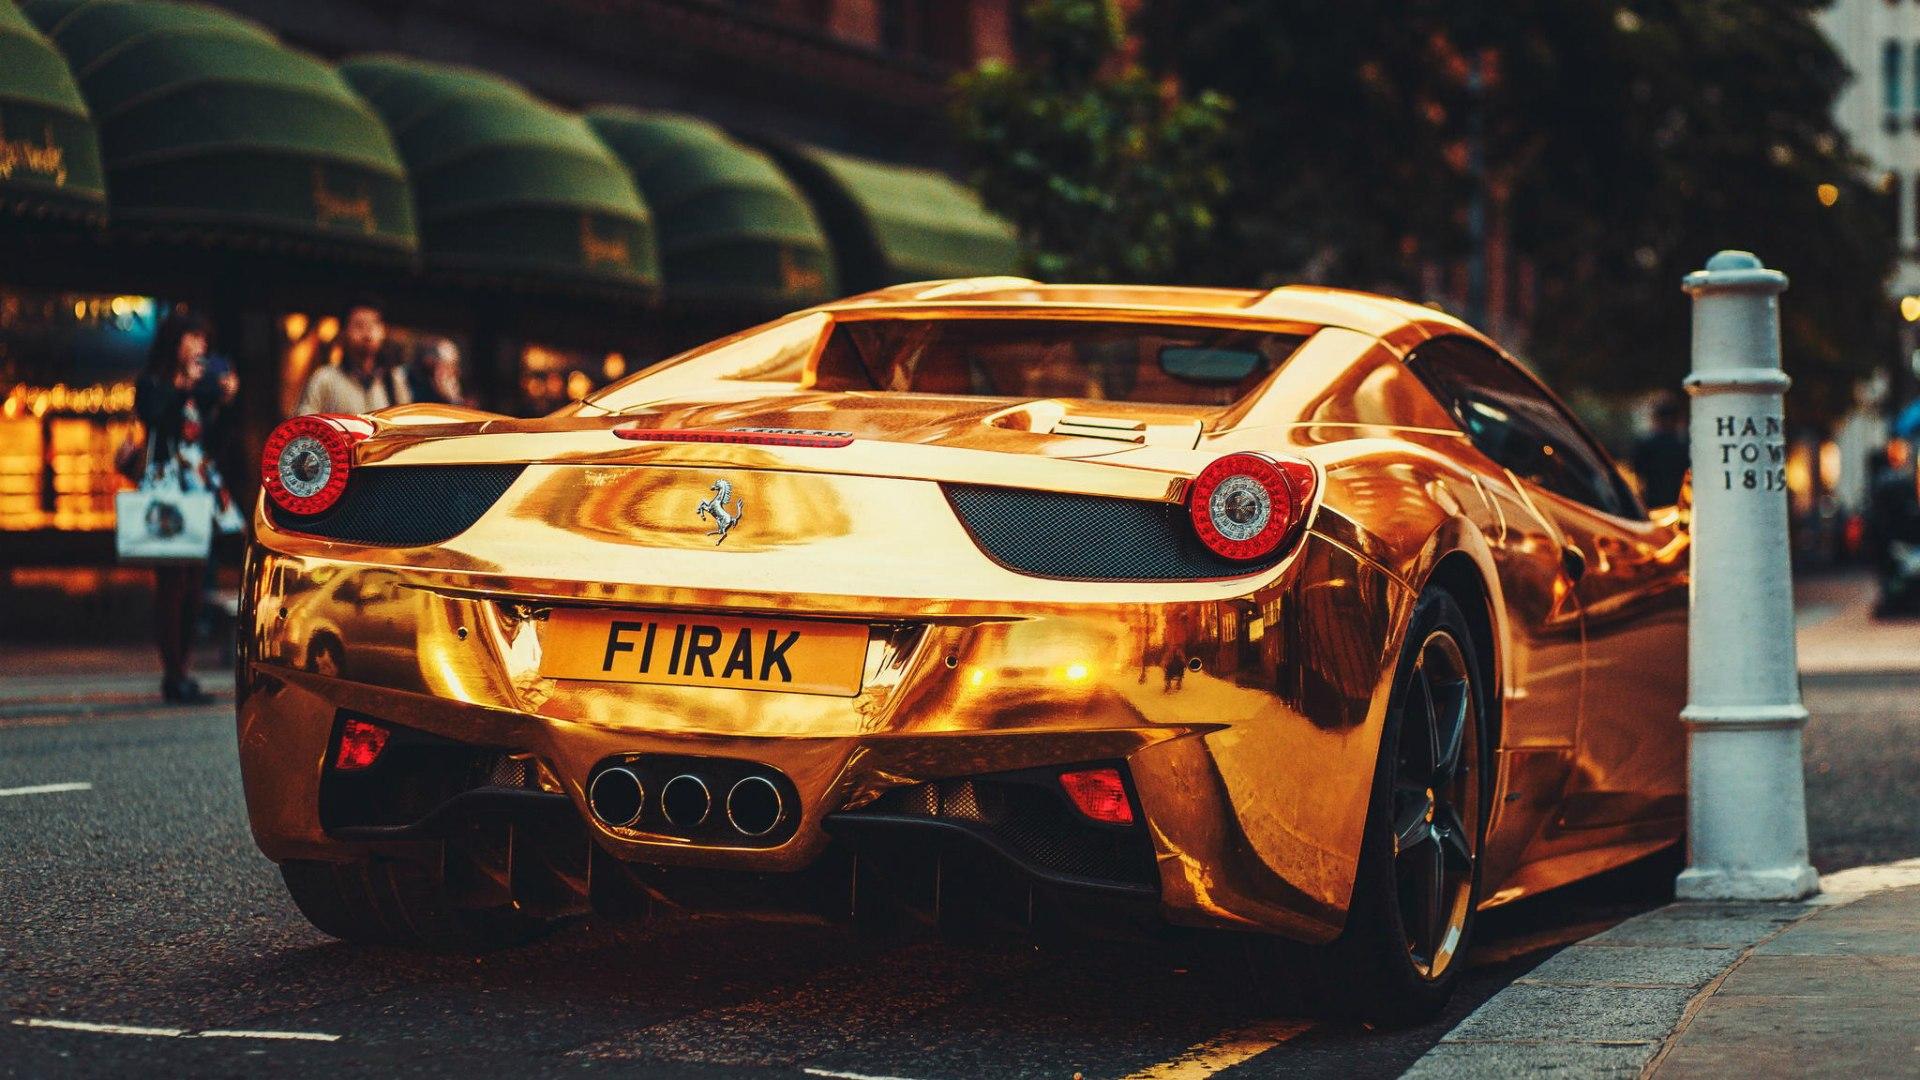 Drawn ferarri wallpaper Gold  wallpapers Italia Ferrari